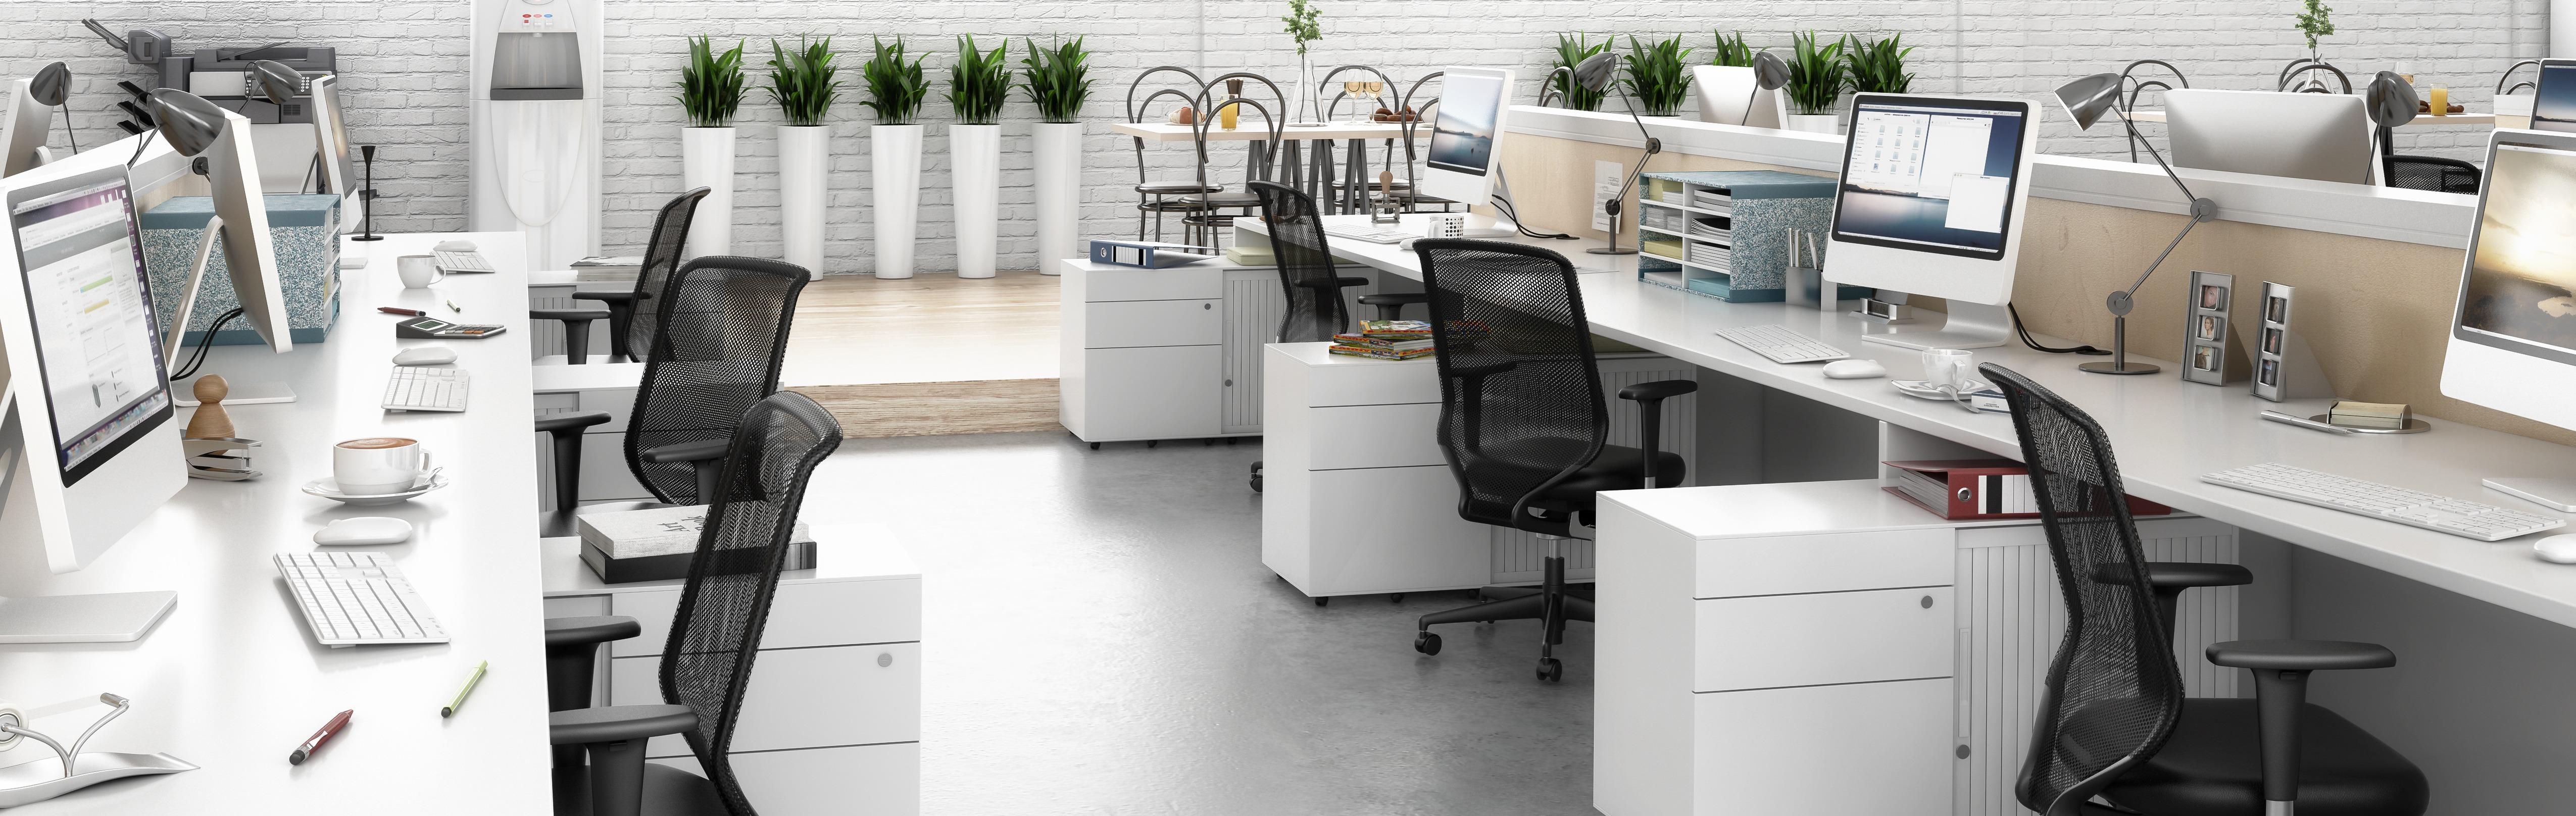 Biuro przyjazne pracownikowi